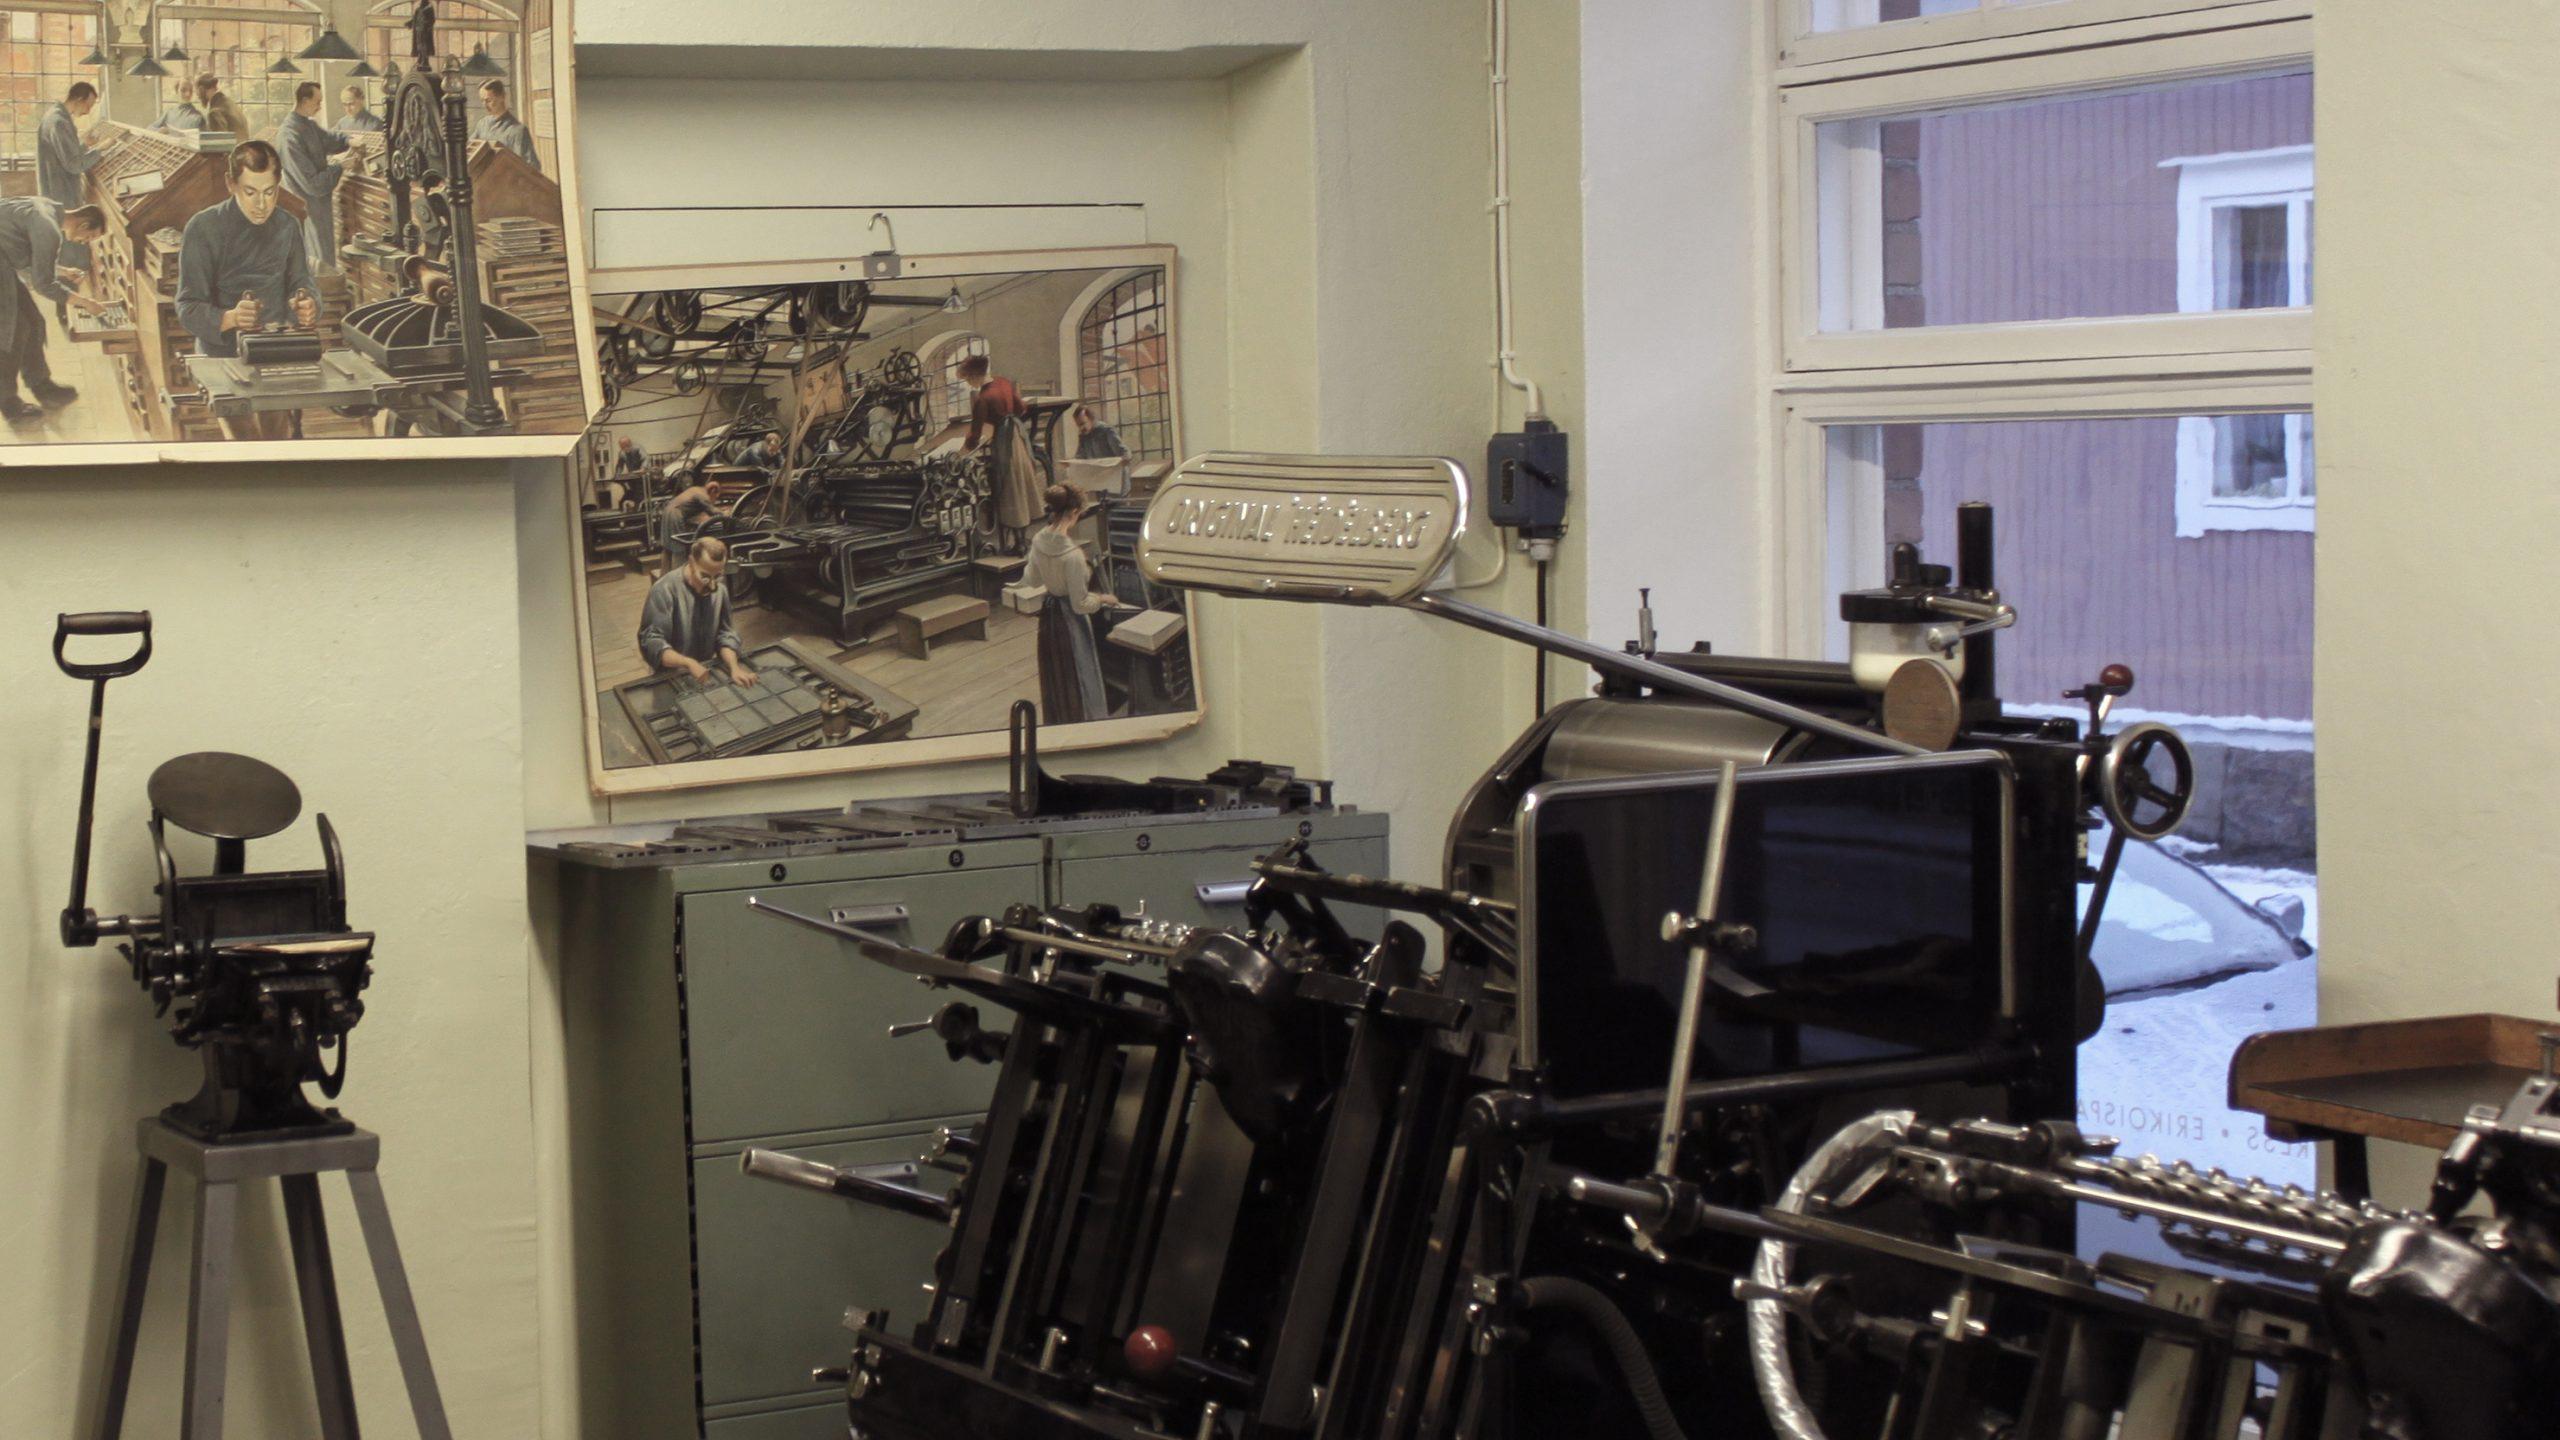 Huone, jossa on esillä vanhoja painokoneita.